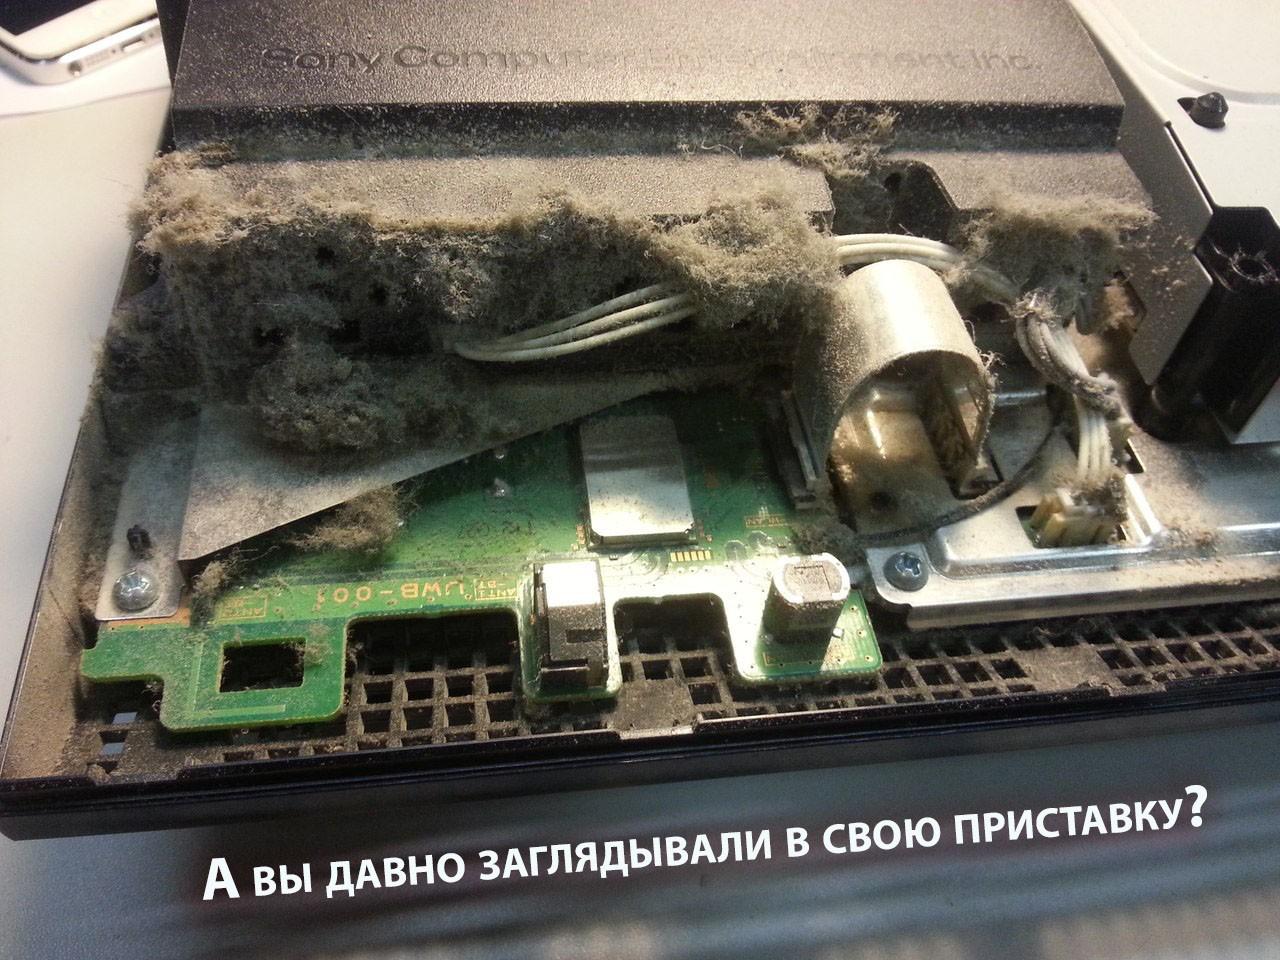 А вы давно чистили свою игровую консоль?